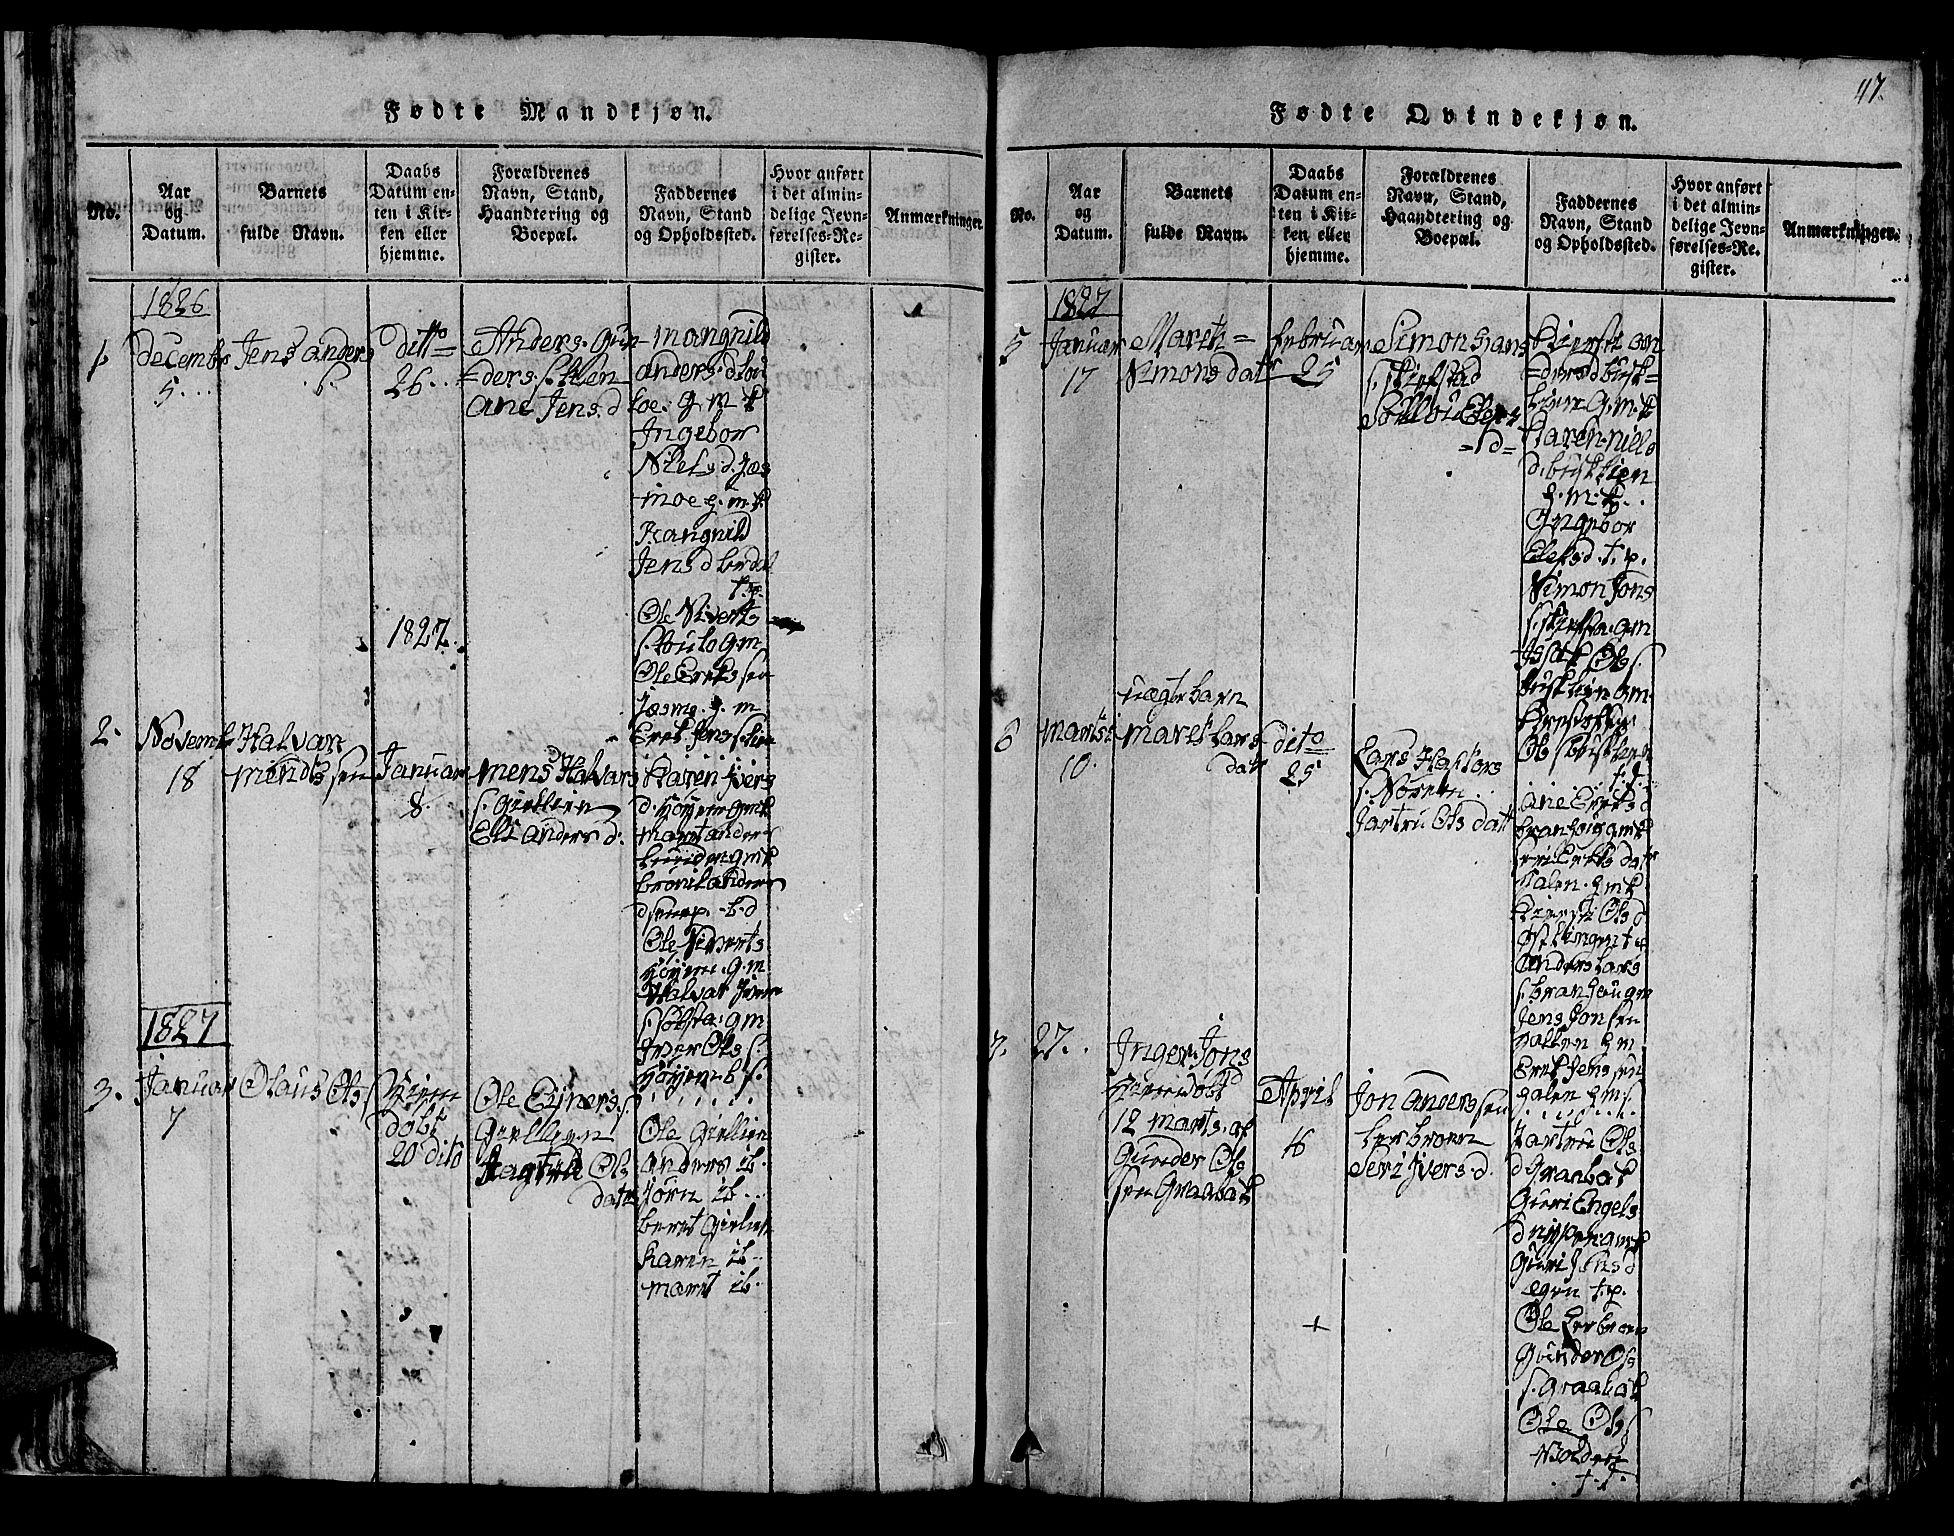 SAT, Ministerialprotokoller, klokkerbøker og fødselsregistre - Sør-Trøndelag, 613/L0393: Klokkerbok nr. 613C01, 1816-1886, s. 47